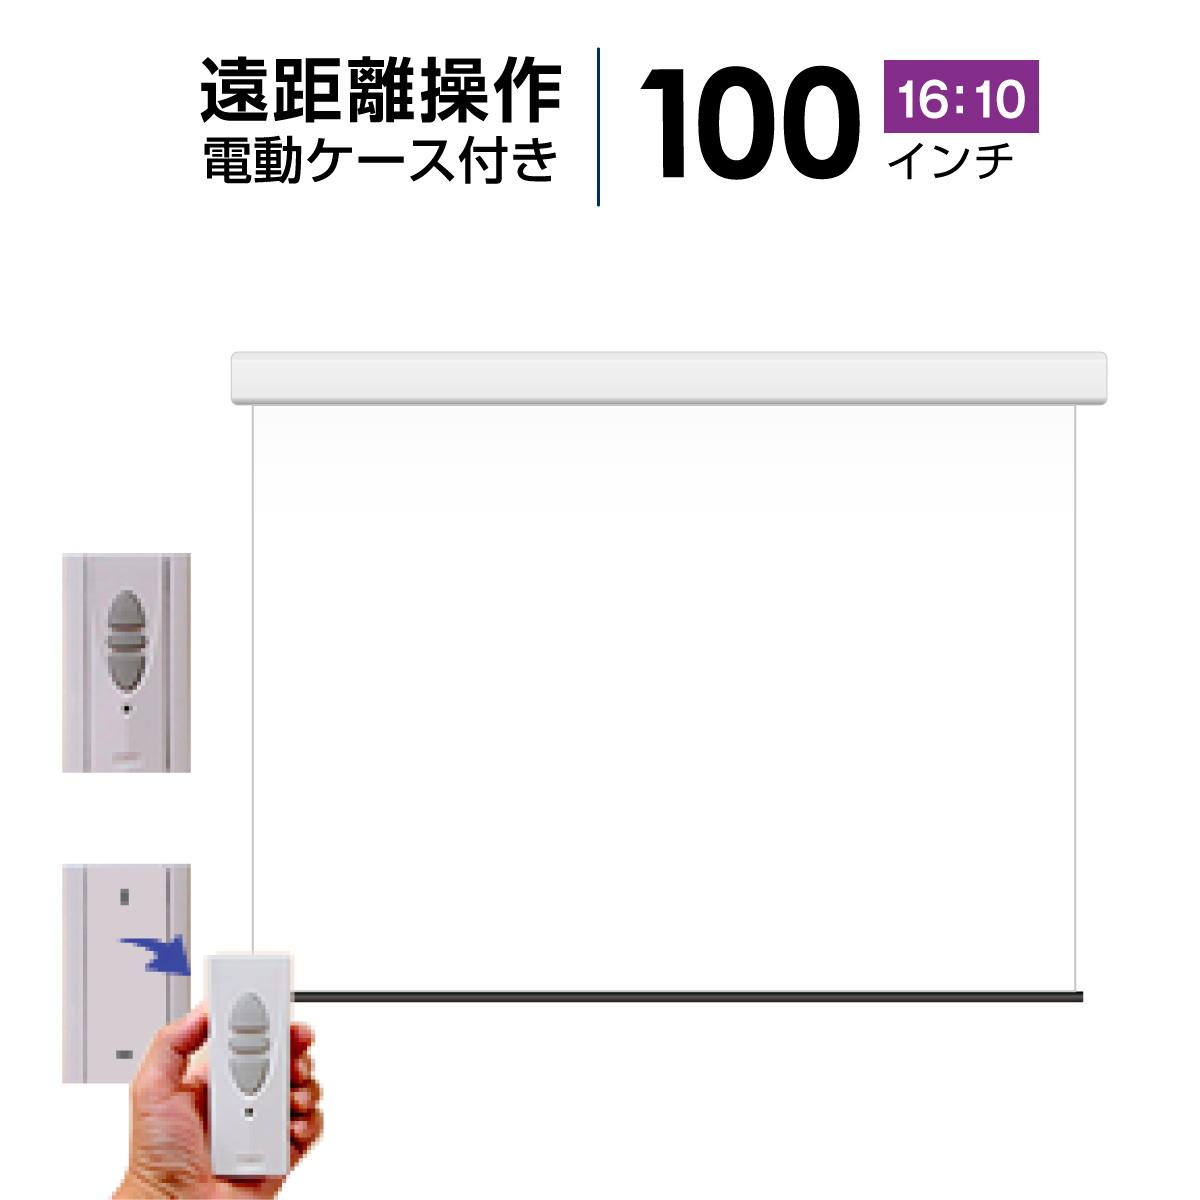 プロジェクタースクリーン 電動遠距離ケース付きタイプ100インチ(16:10) マスクフリー WCR2154FEH